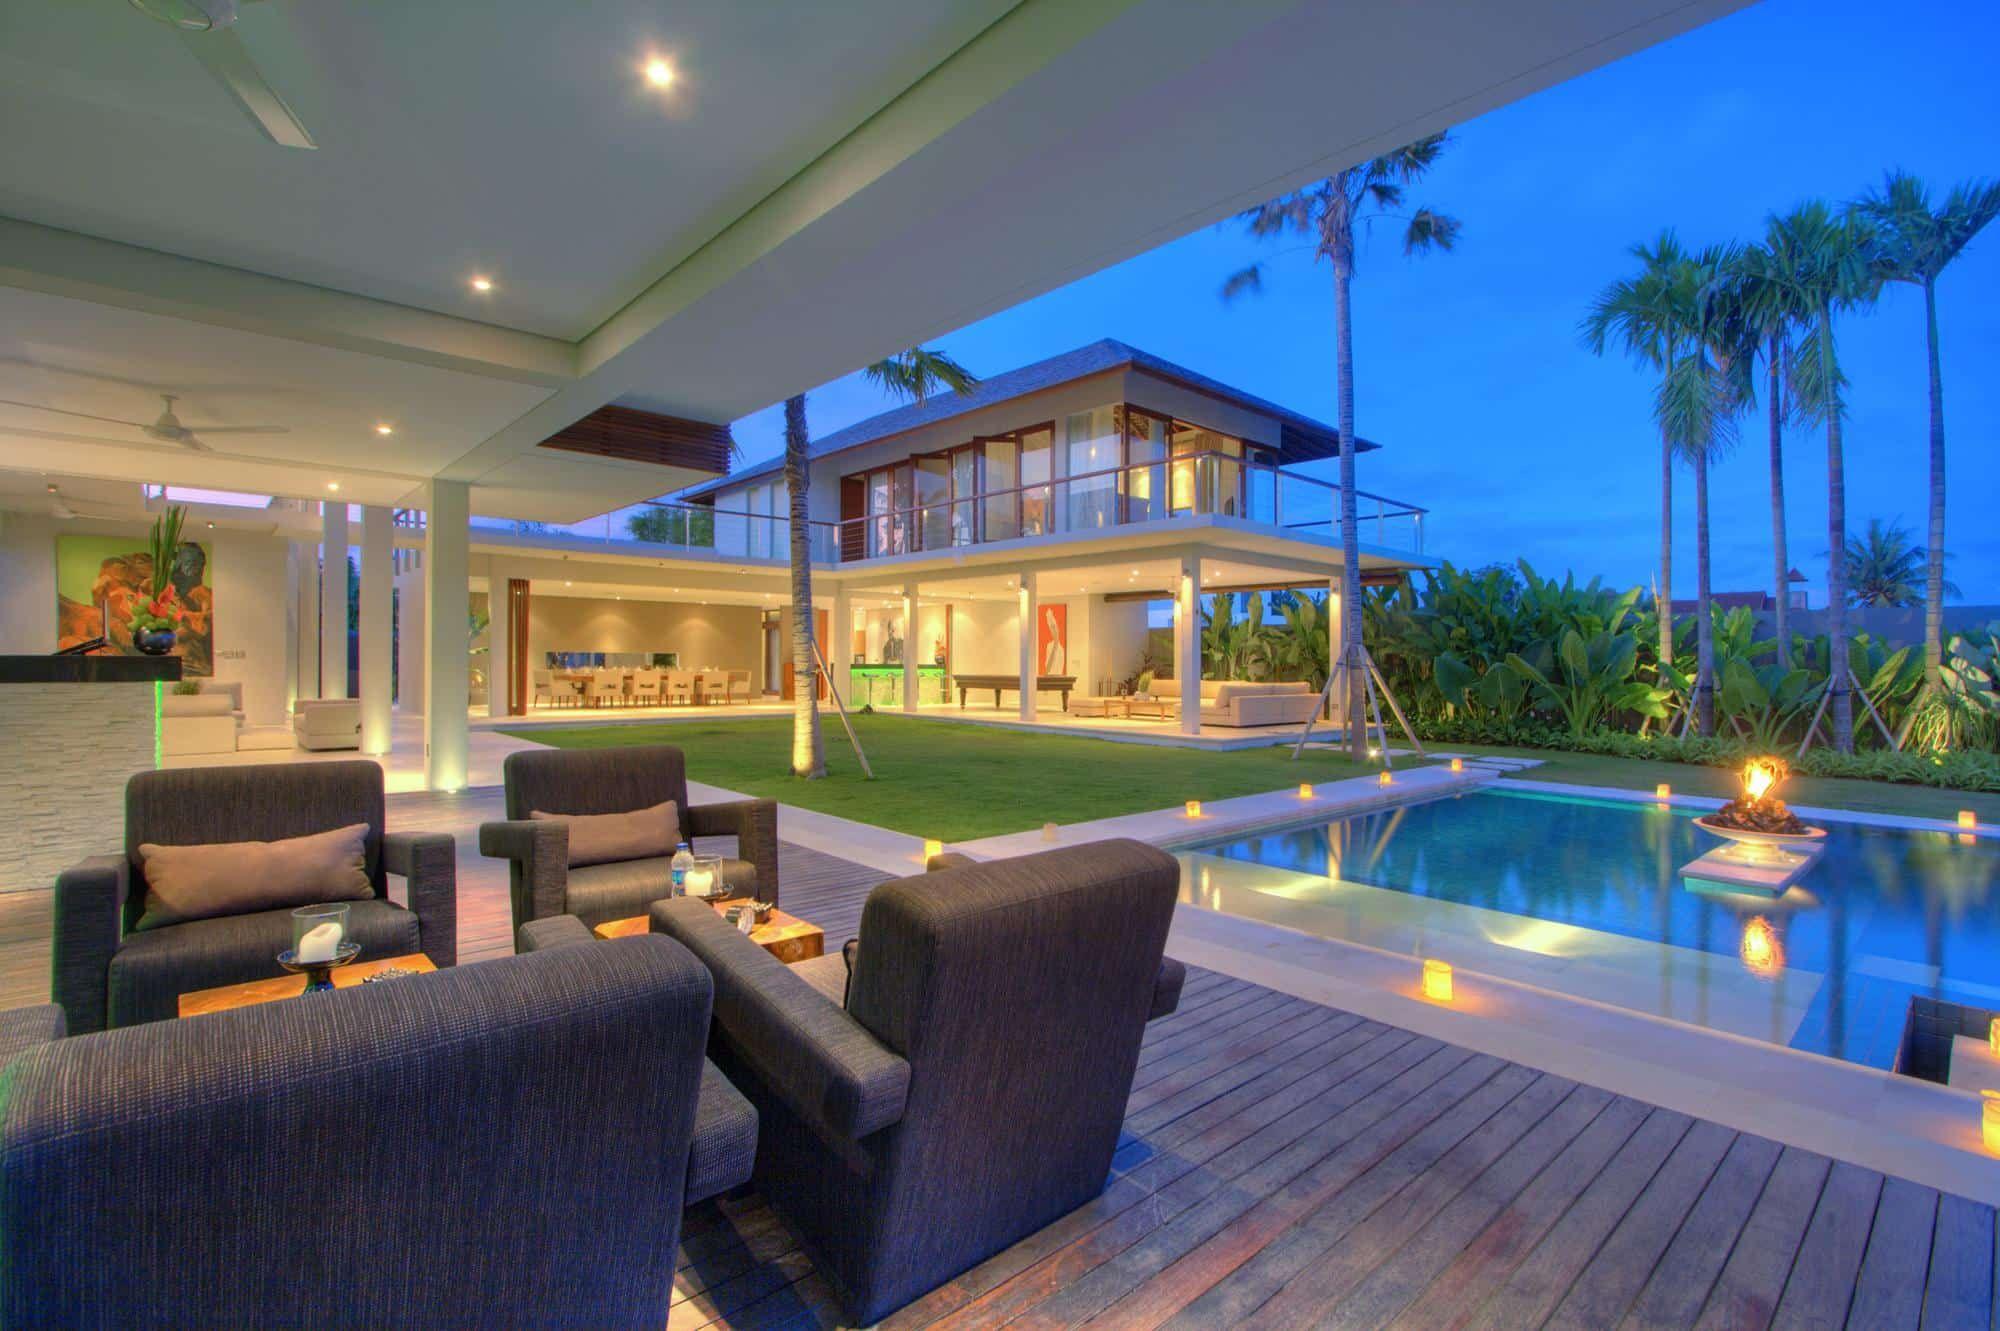 Elegant Location De Villa De Luxe à Bali, Architecture Contemporaine #Bali  #architecture #modern